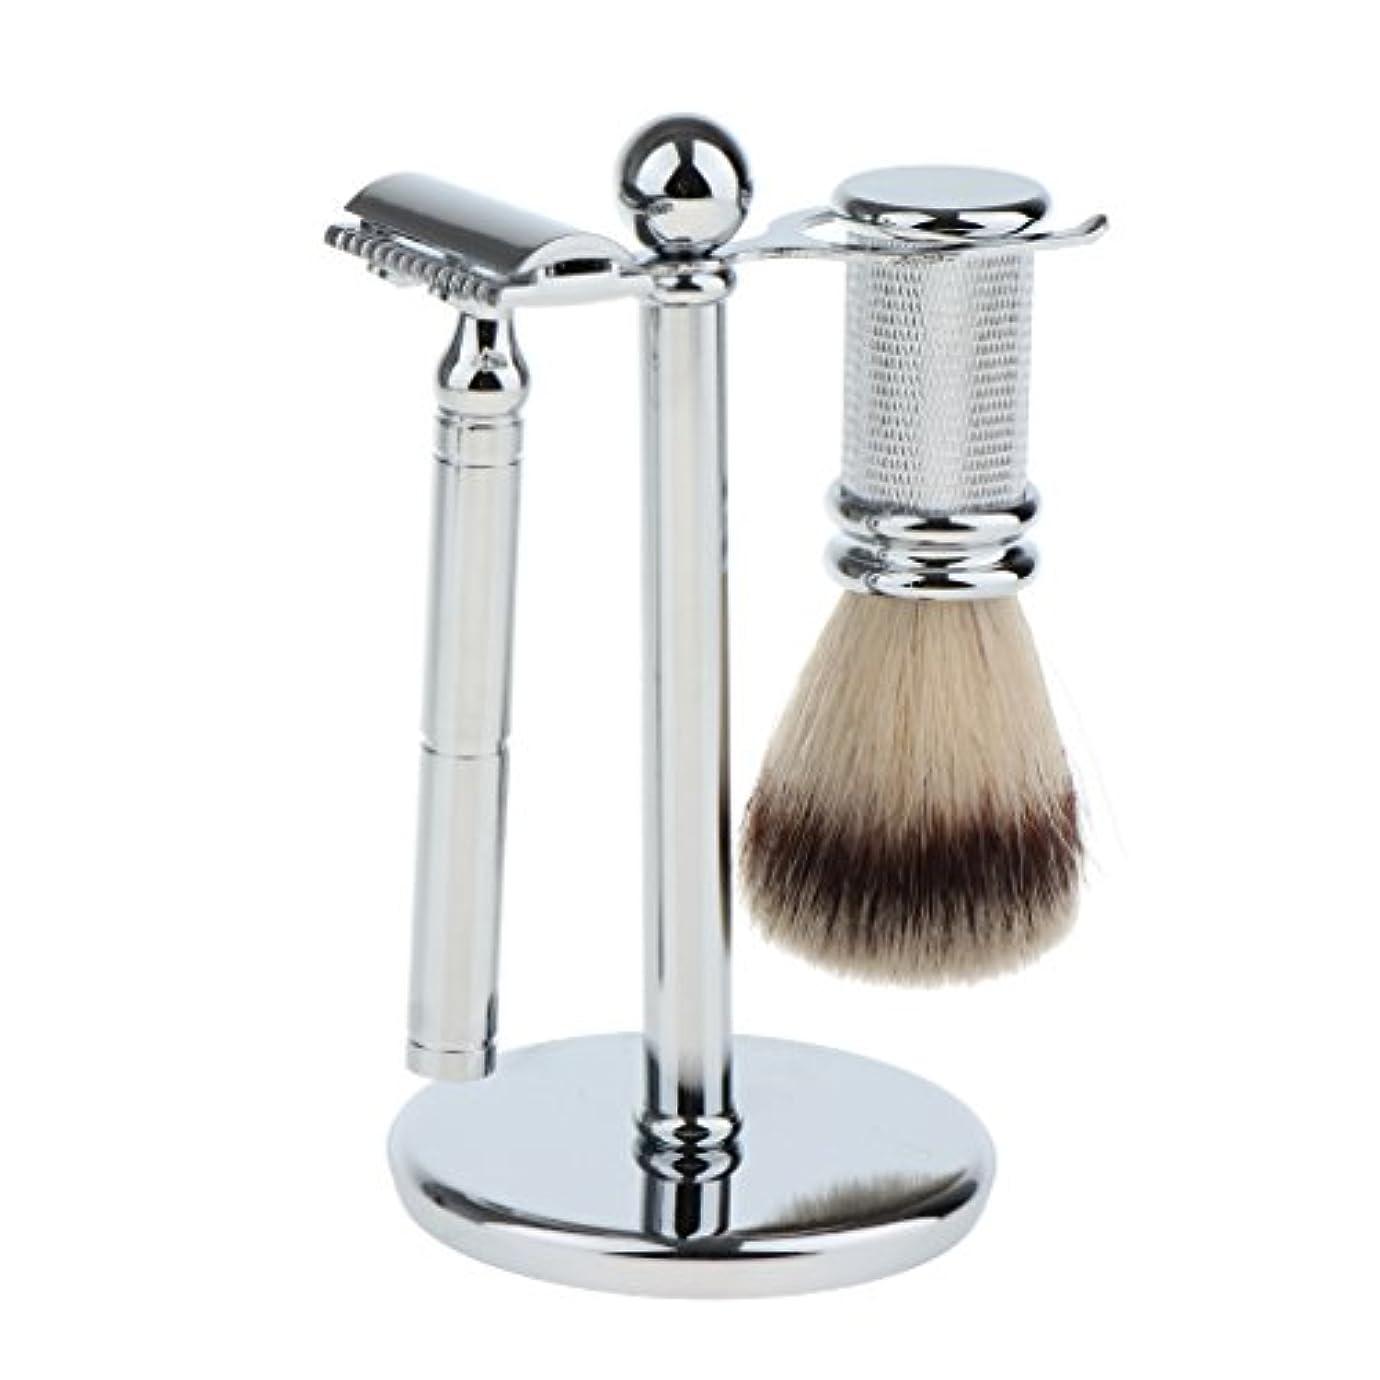 ダイアクリティカル無謀エリートスタンド ブラシ マニュアルシェーバー 3本セット 男性用 シェービング ブラシスタンド ダブルエッジ 剃刀